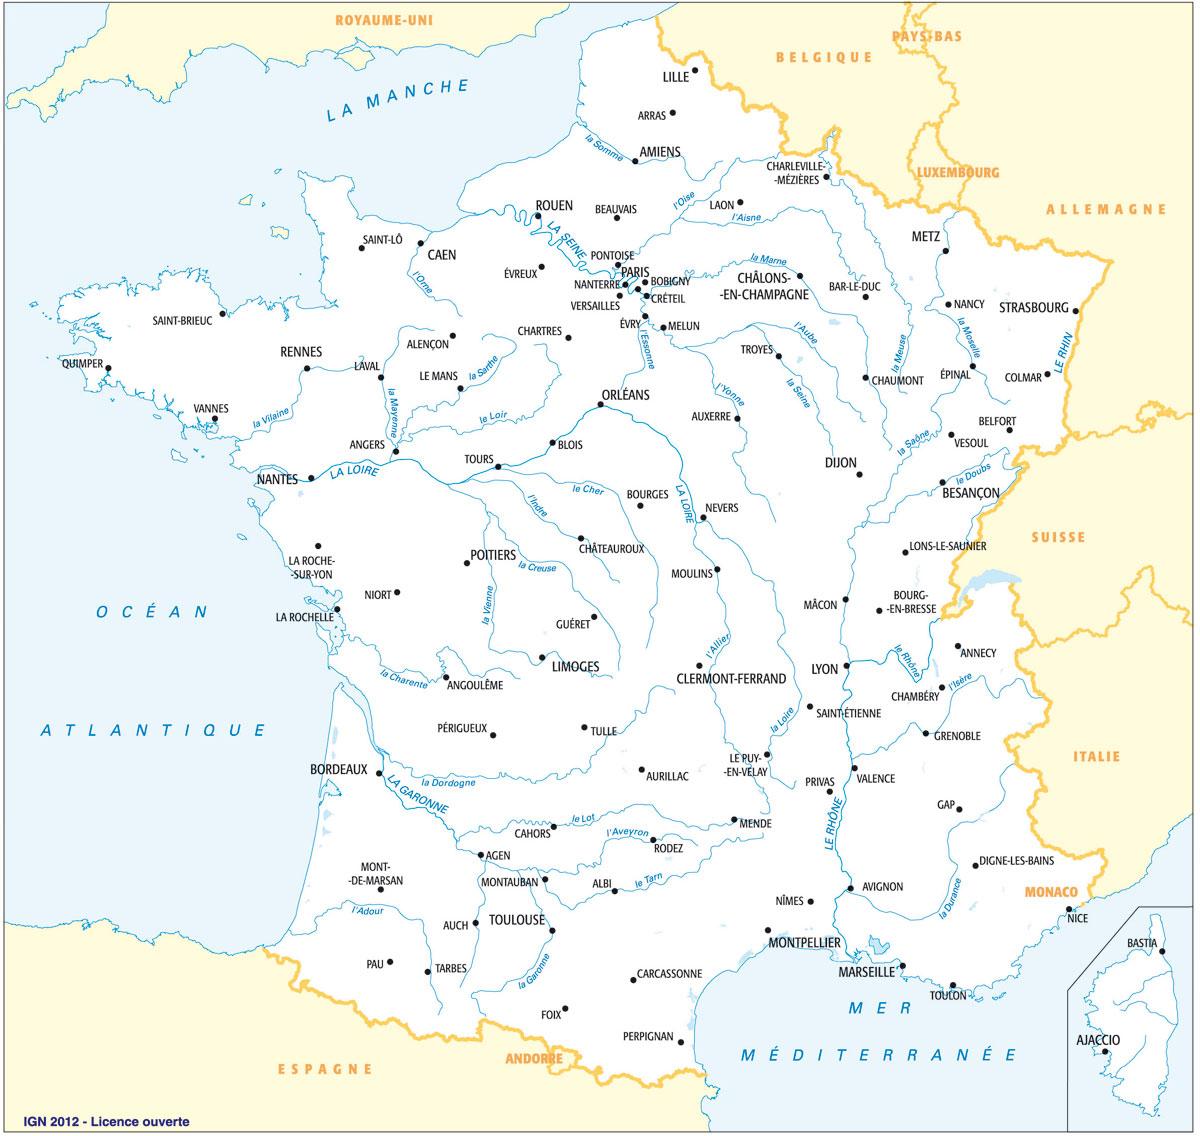 Carte France Villes : Carte Des Villes De France intérieur Carte De La France Avec Les Grandes Villes